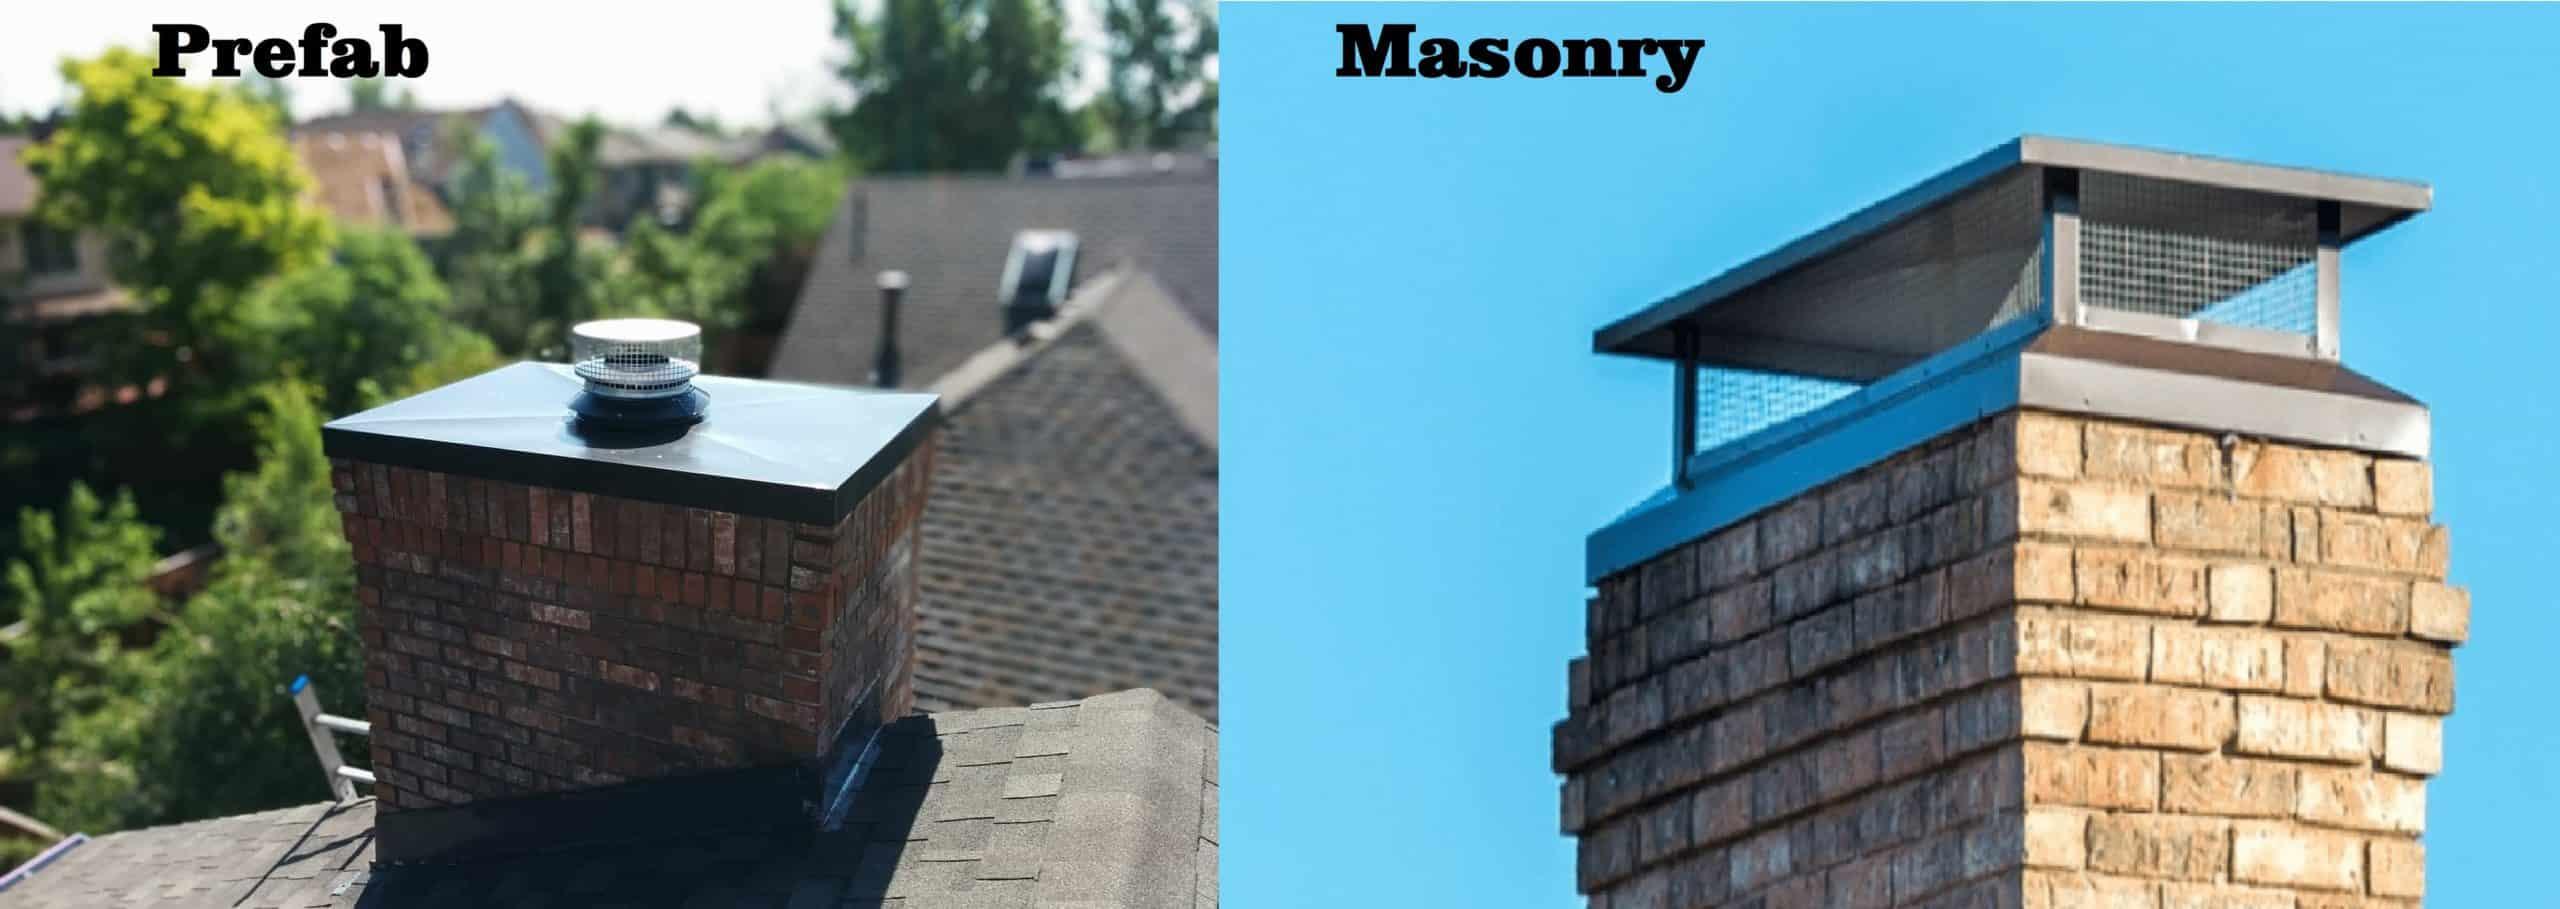 Prefab vs Masonry for Roofing Companies